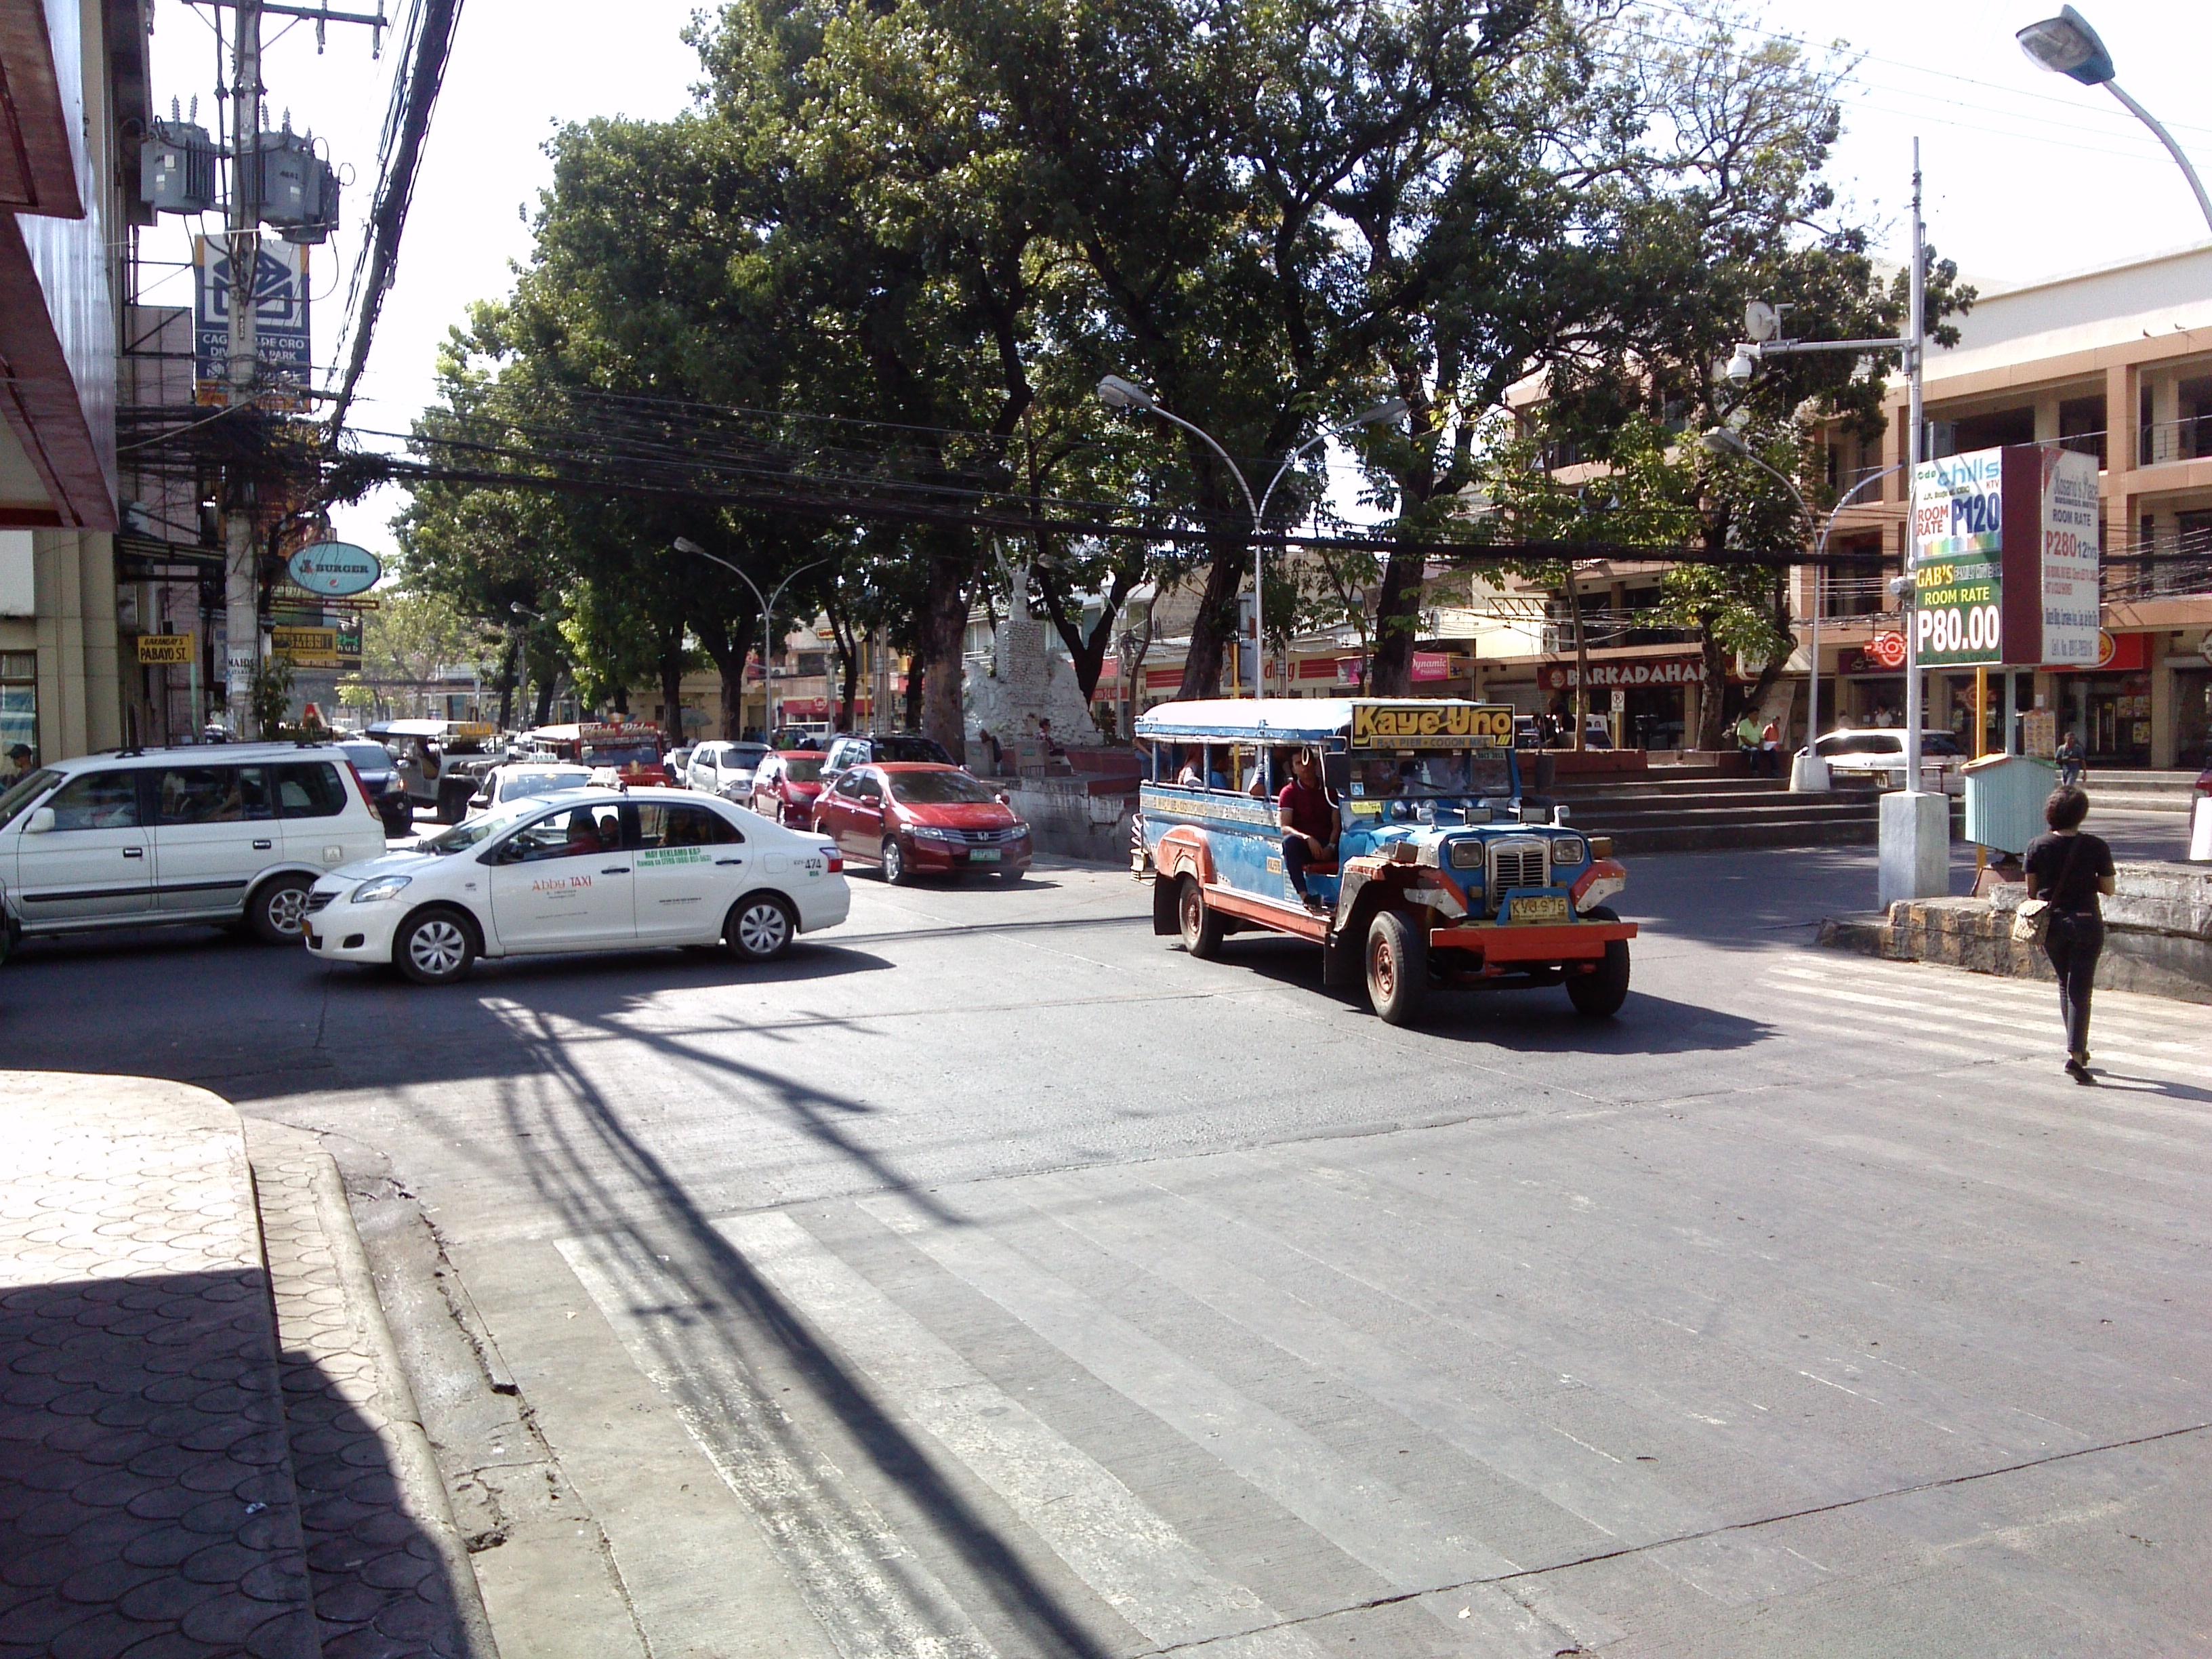 Divisoria, Cagayan de Oro City